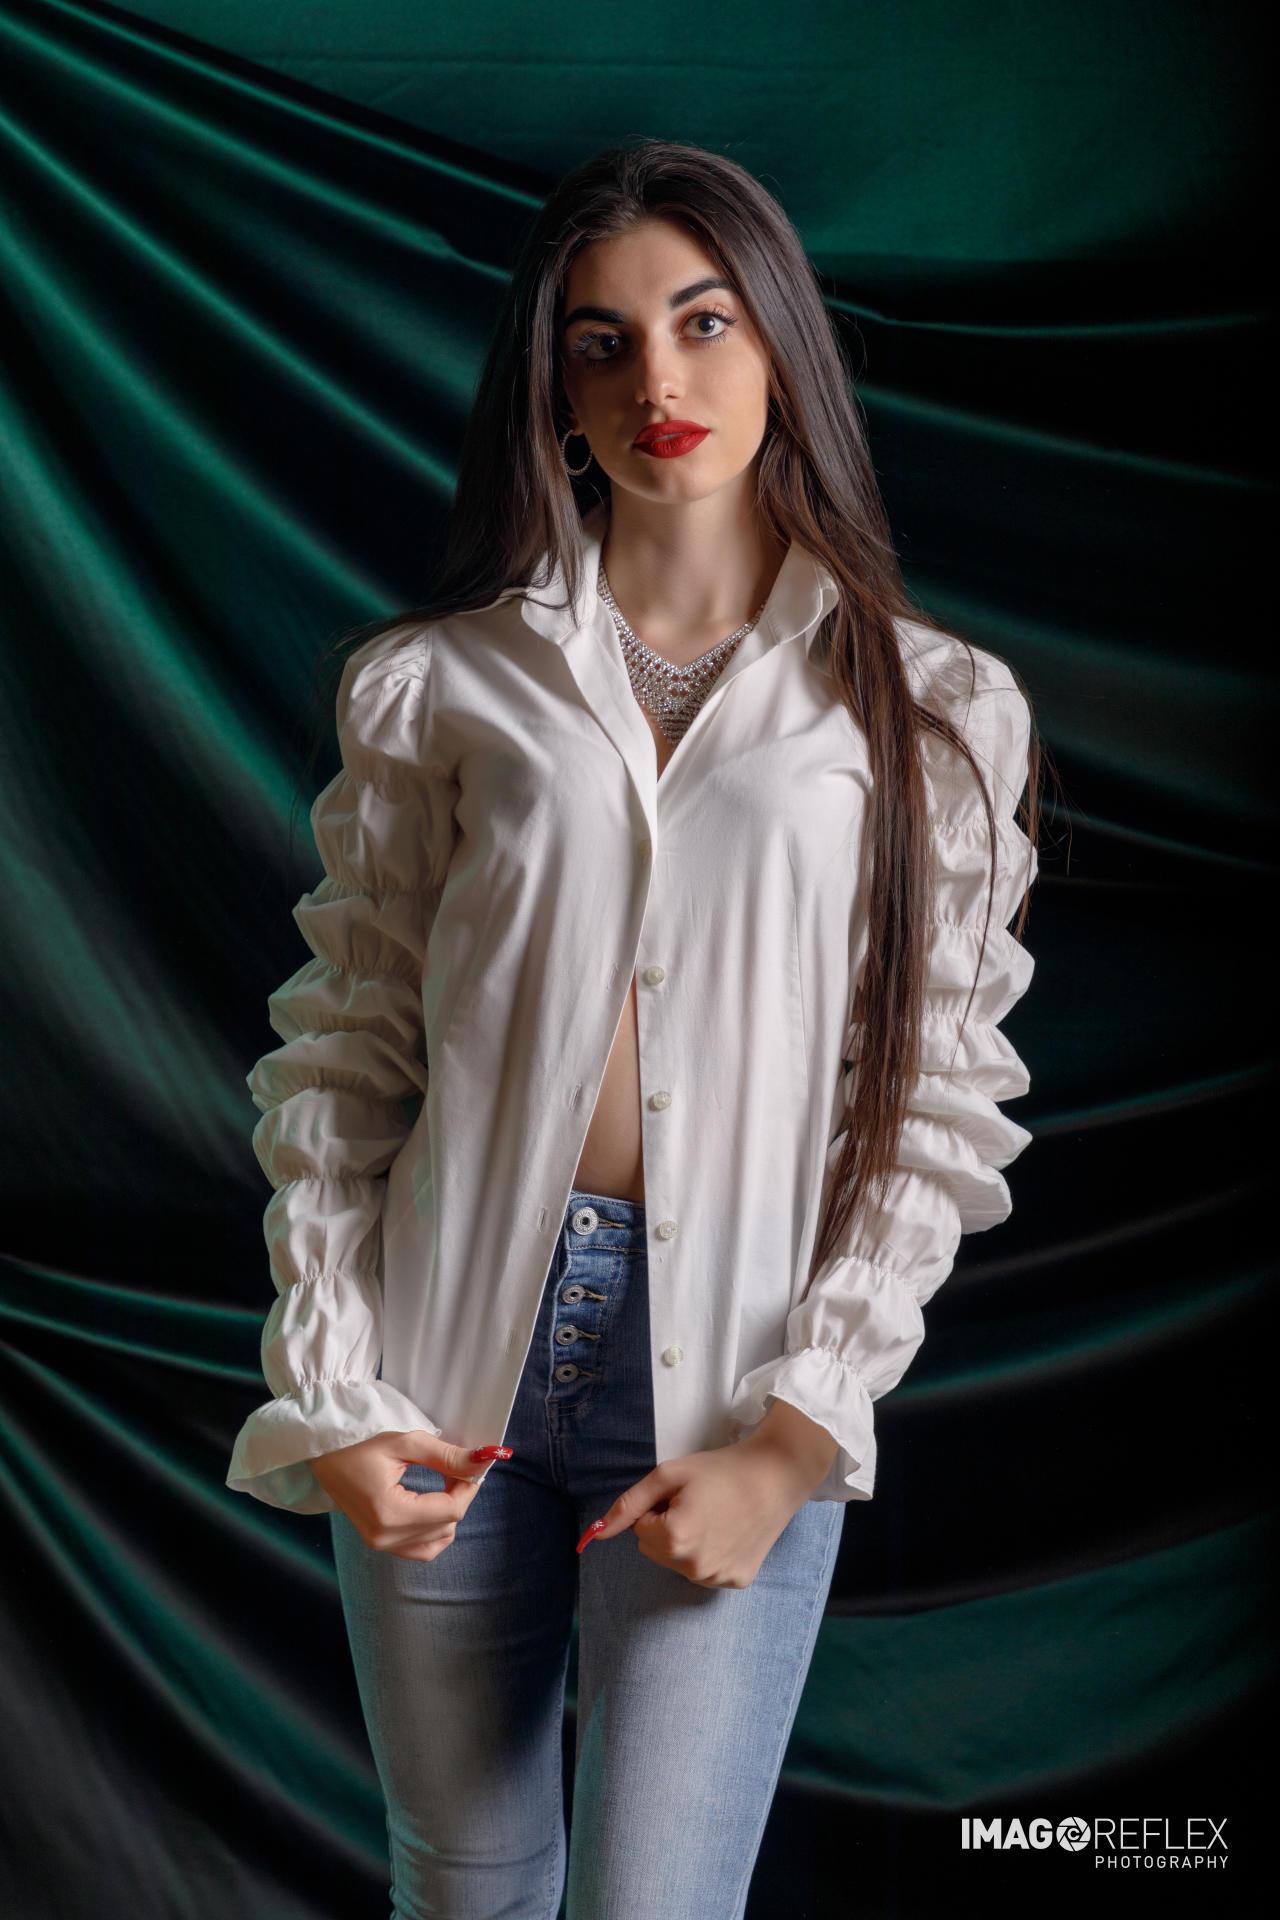 Alessia Miconi